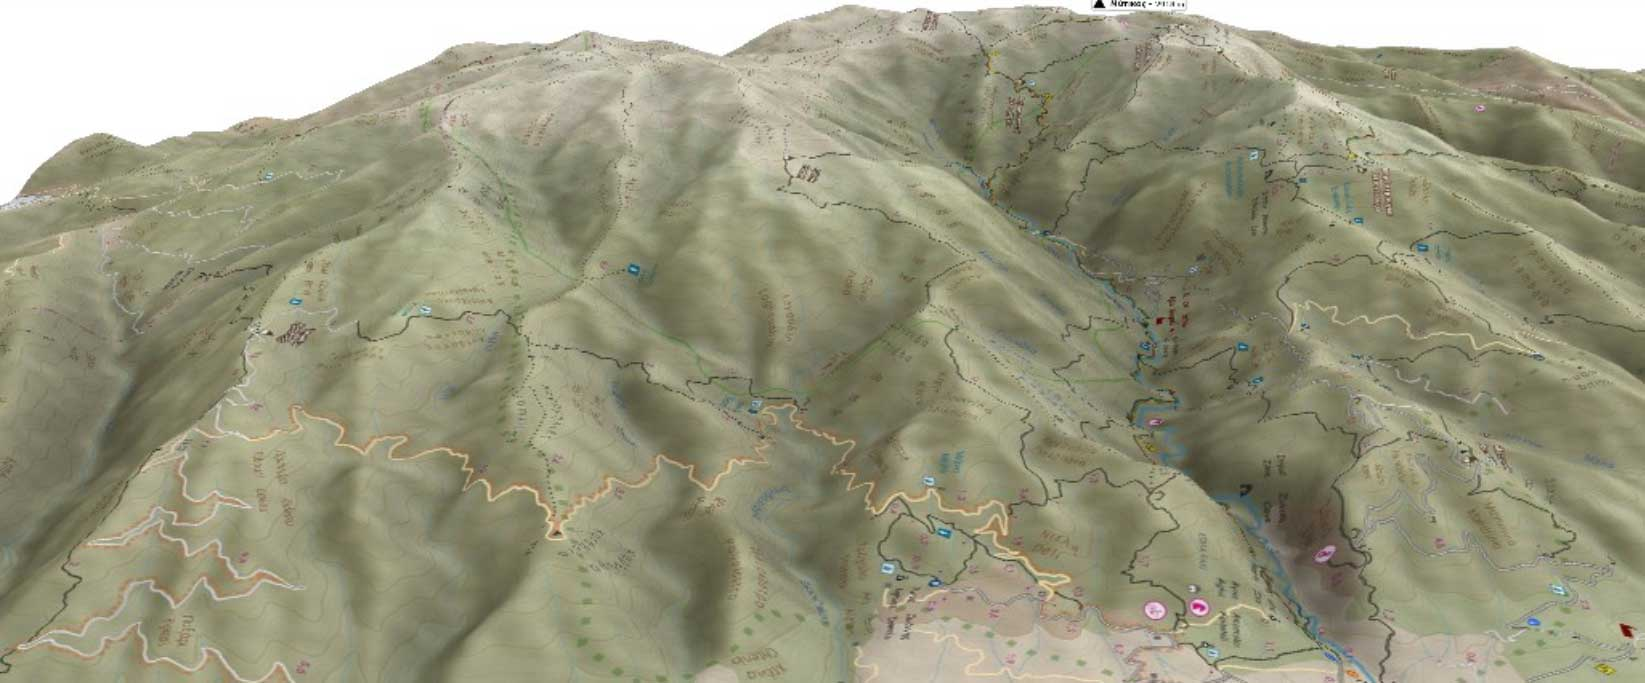 Έντυποι & ψηφιακοί χάρτες